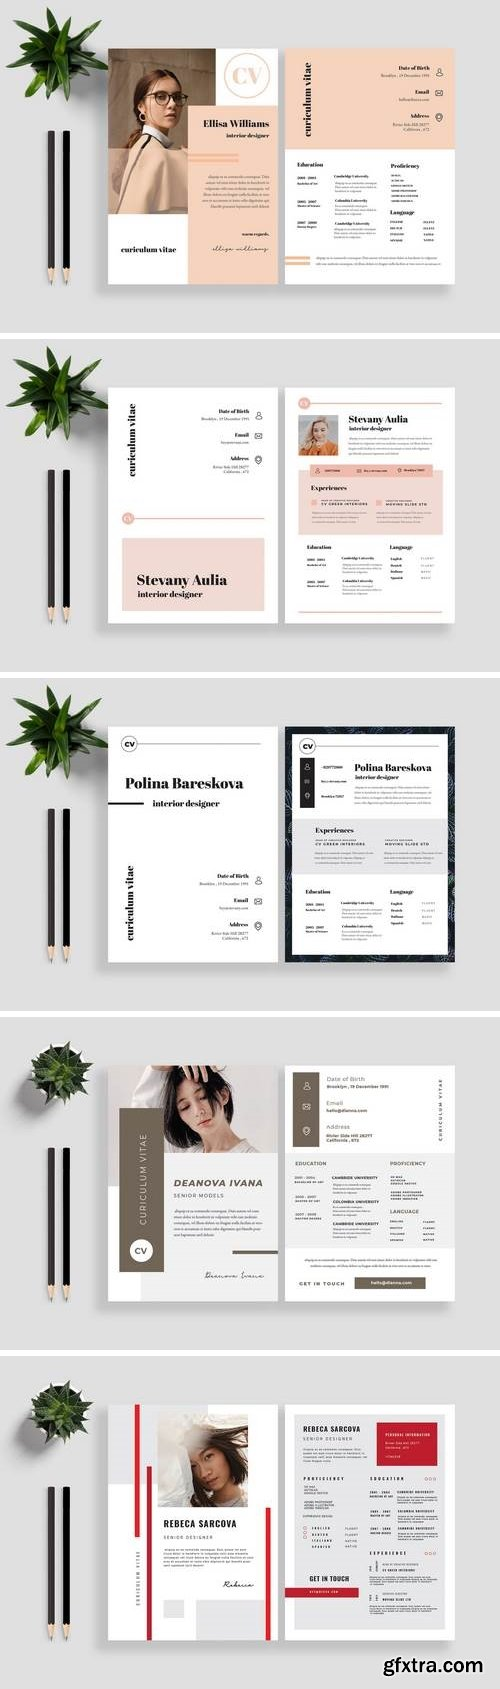 Clean Resume / CV Template Bundle